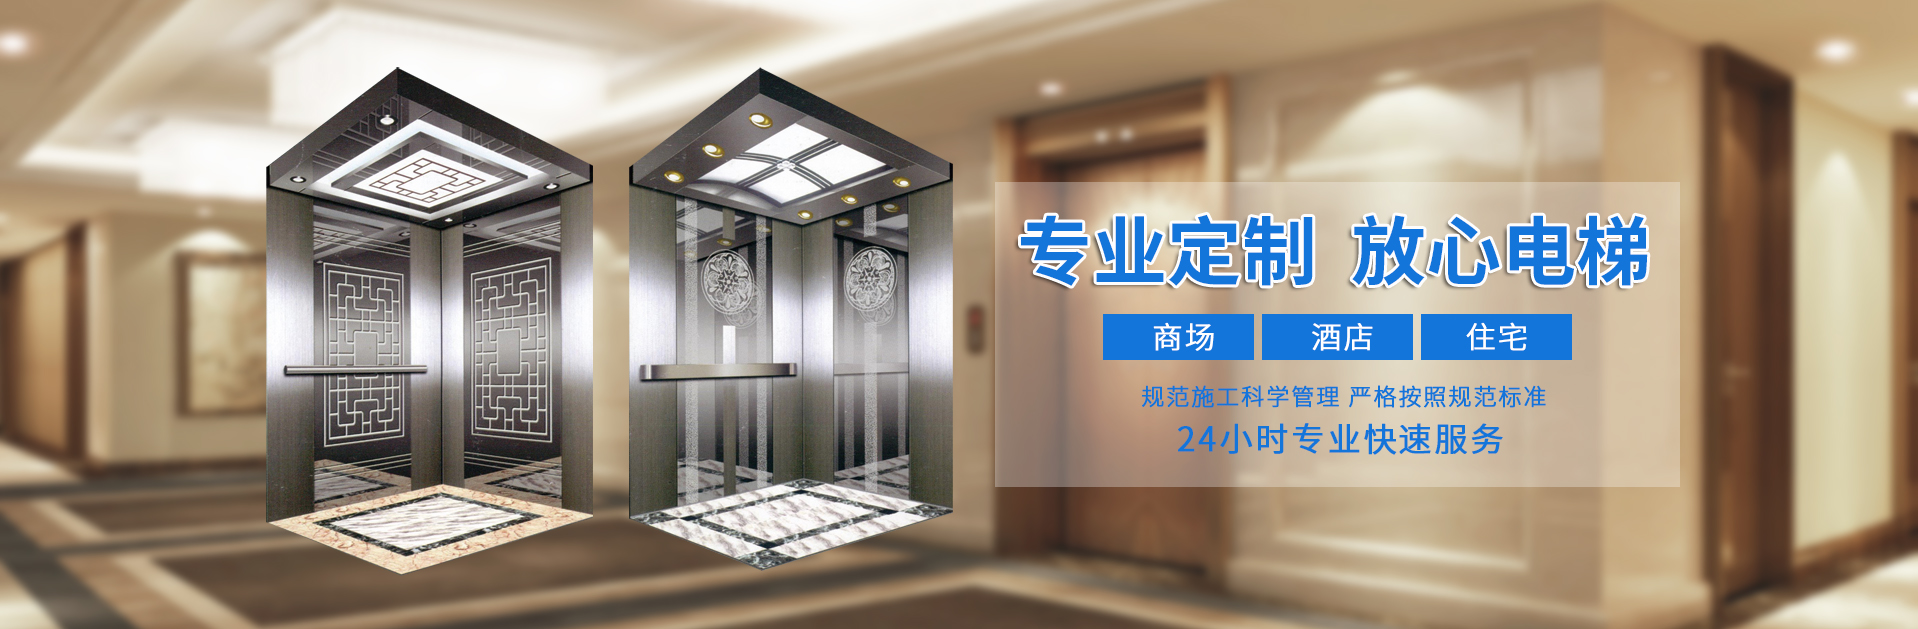 电梯装饰装潢